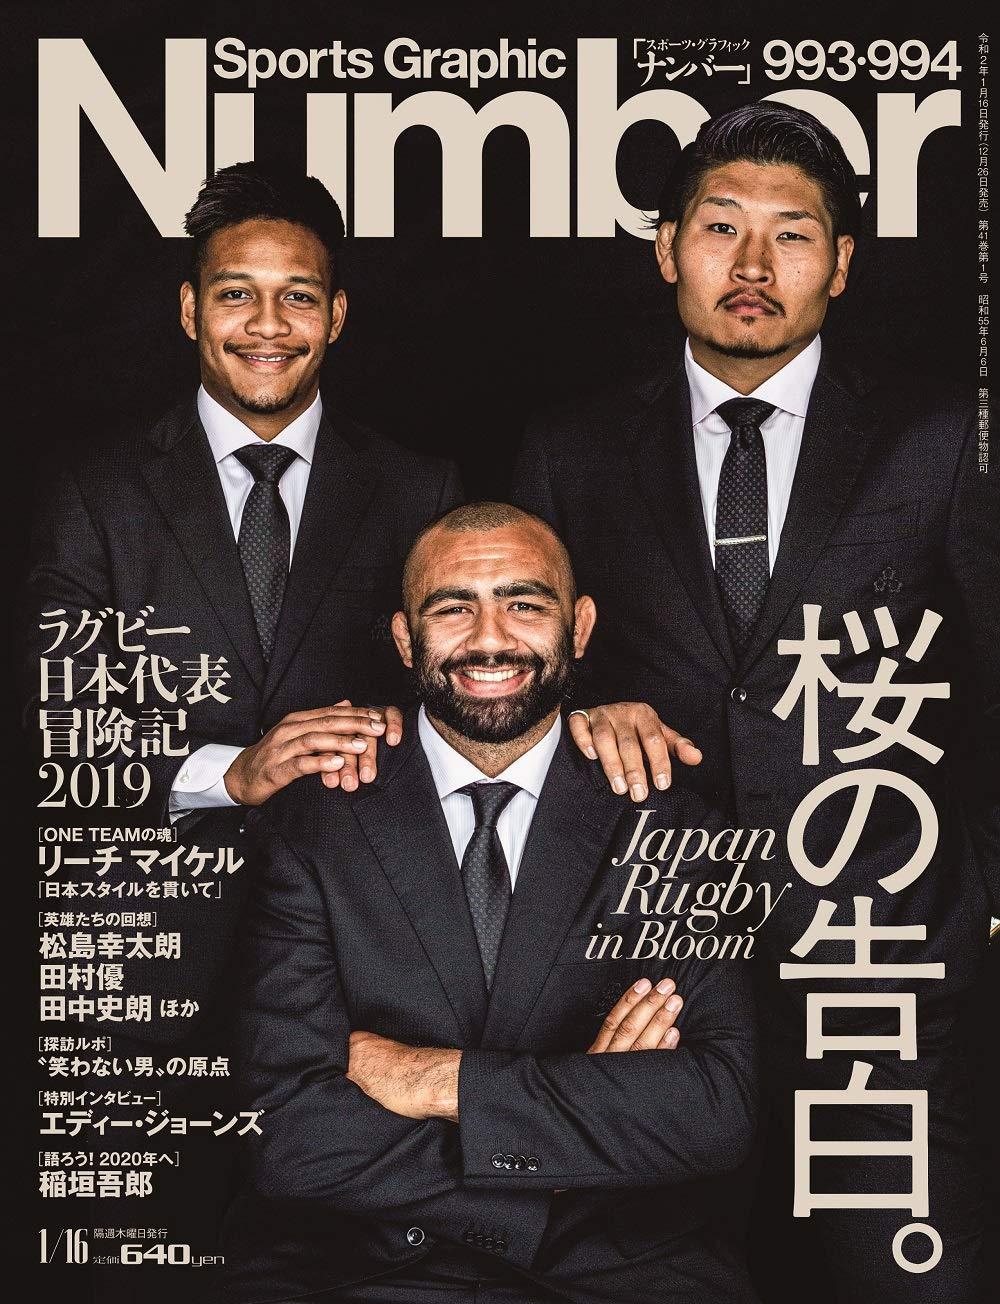 ラグビー 日本 語 代表